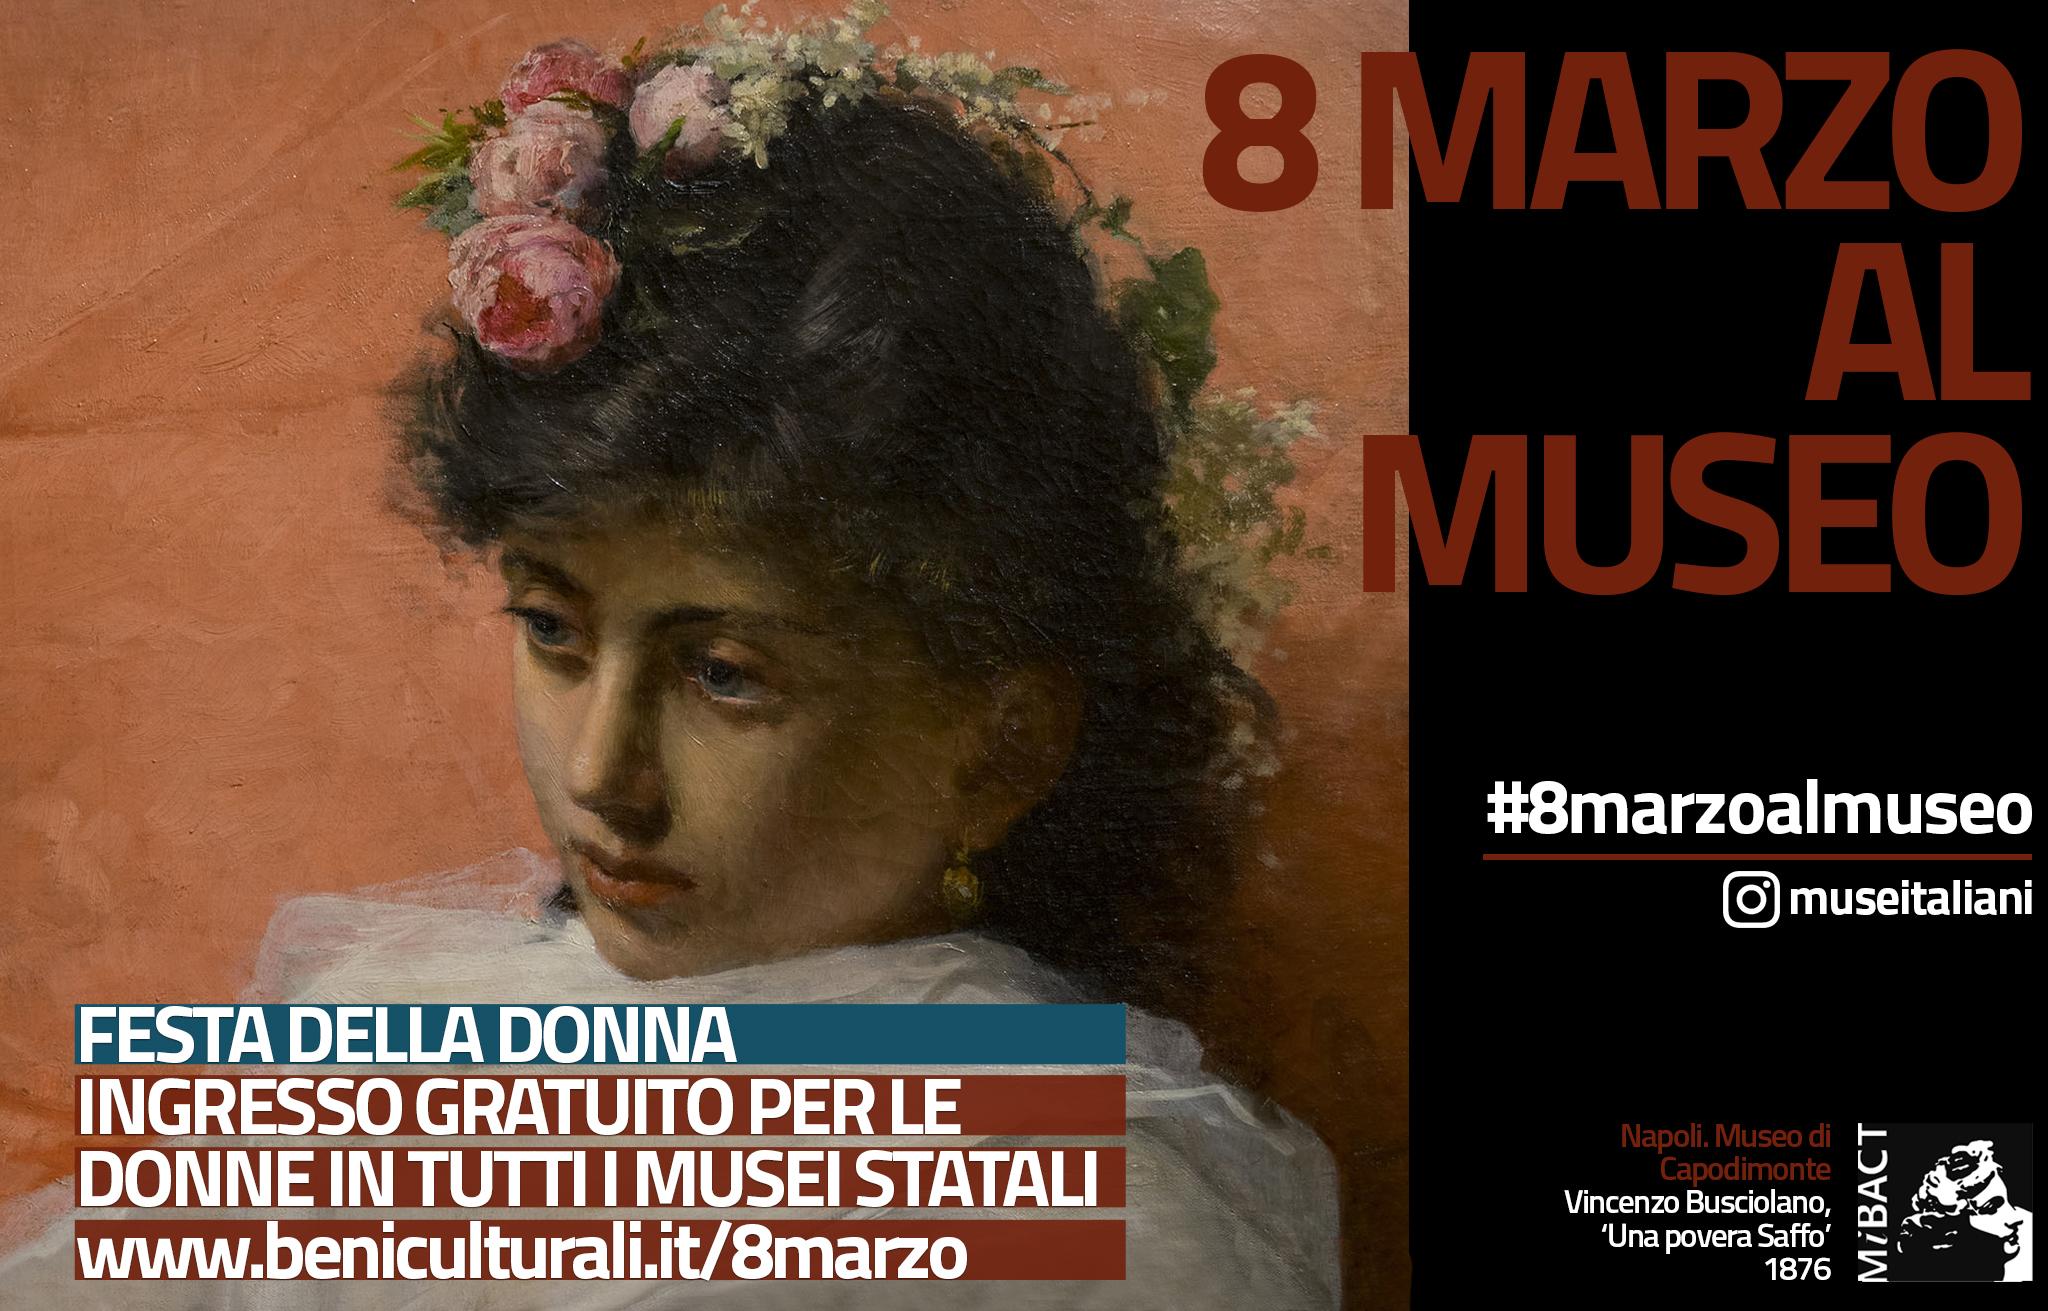 #8marzoalmuseo